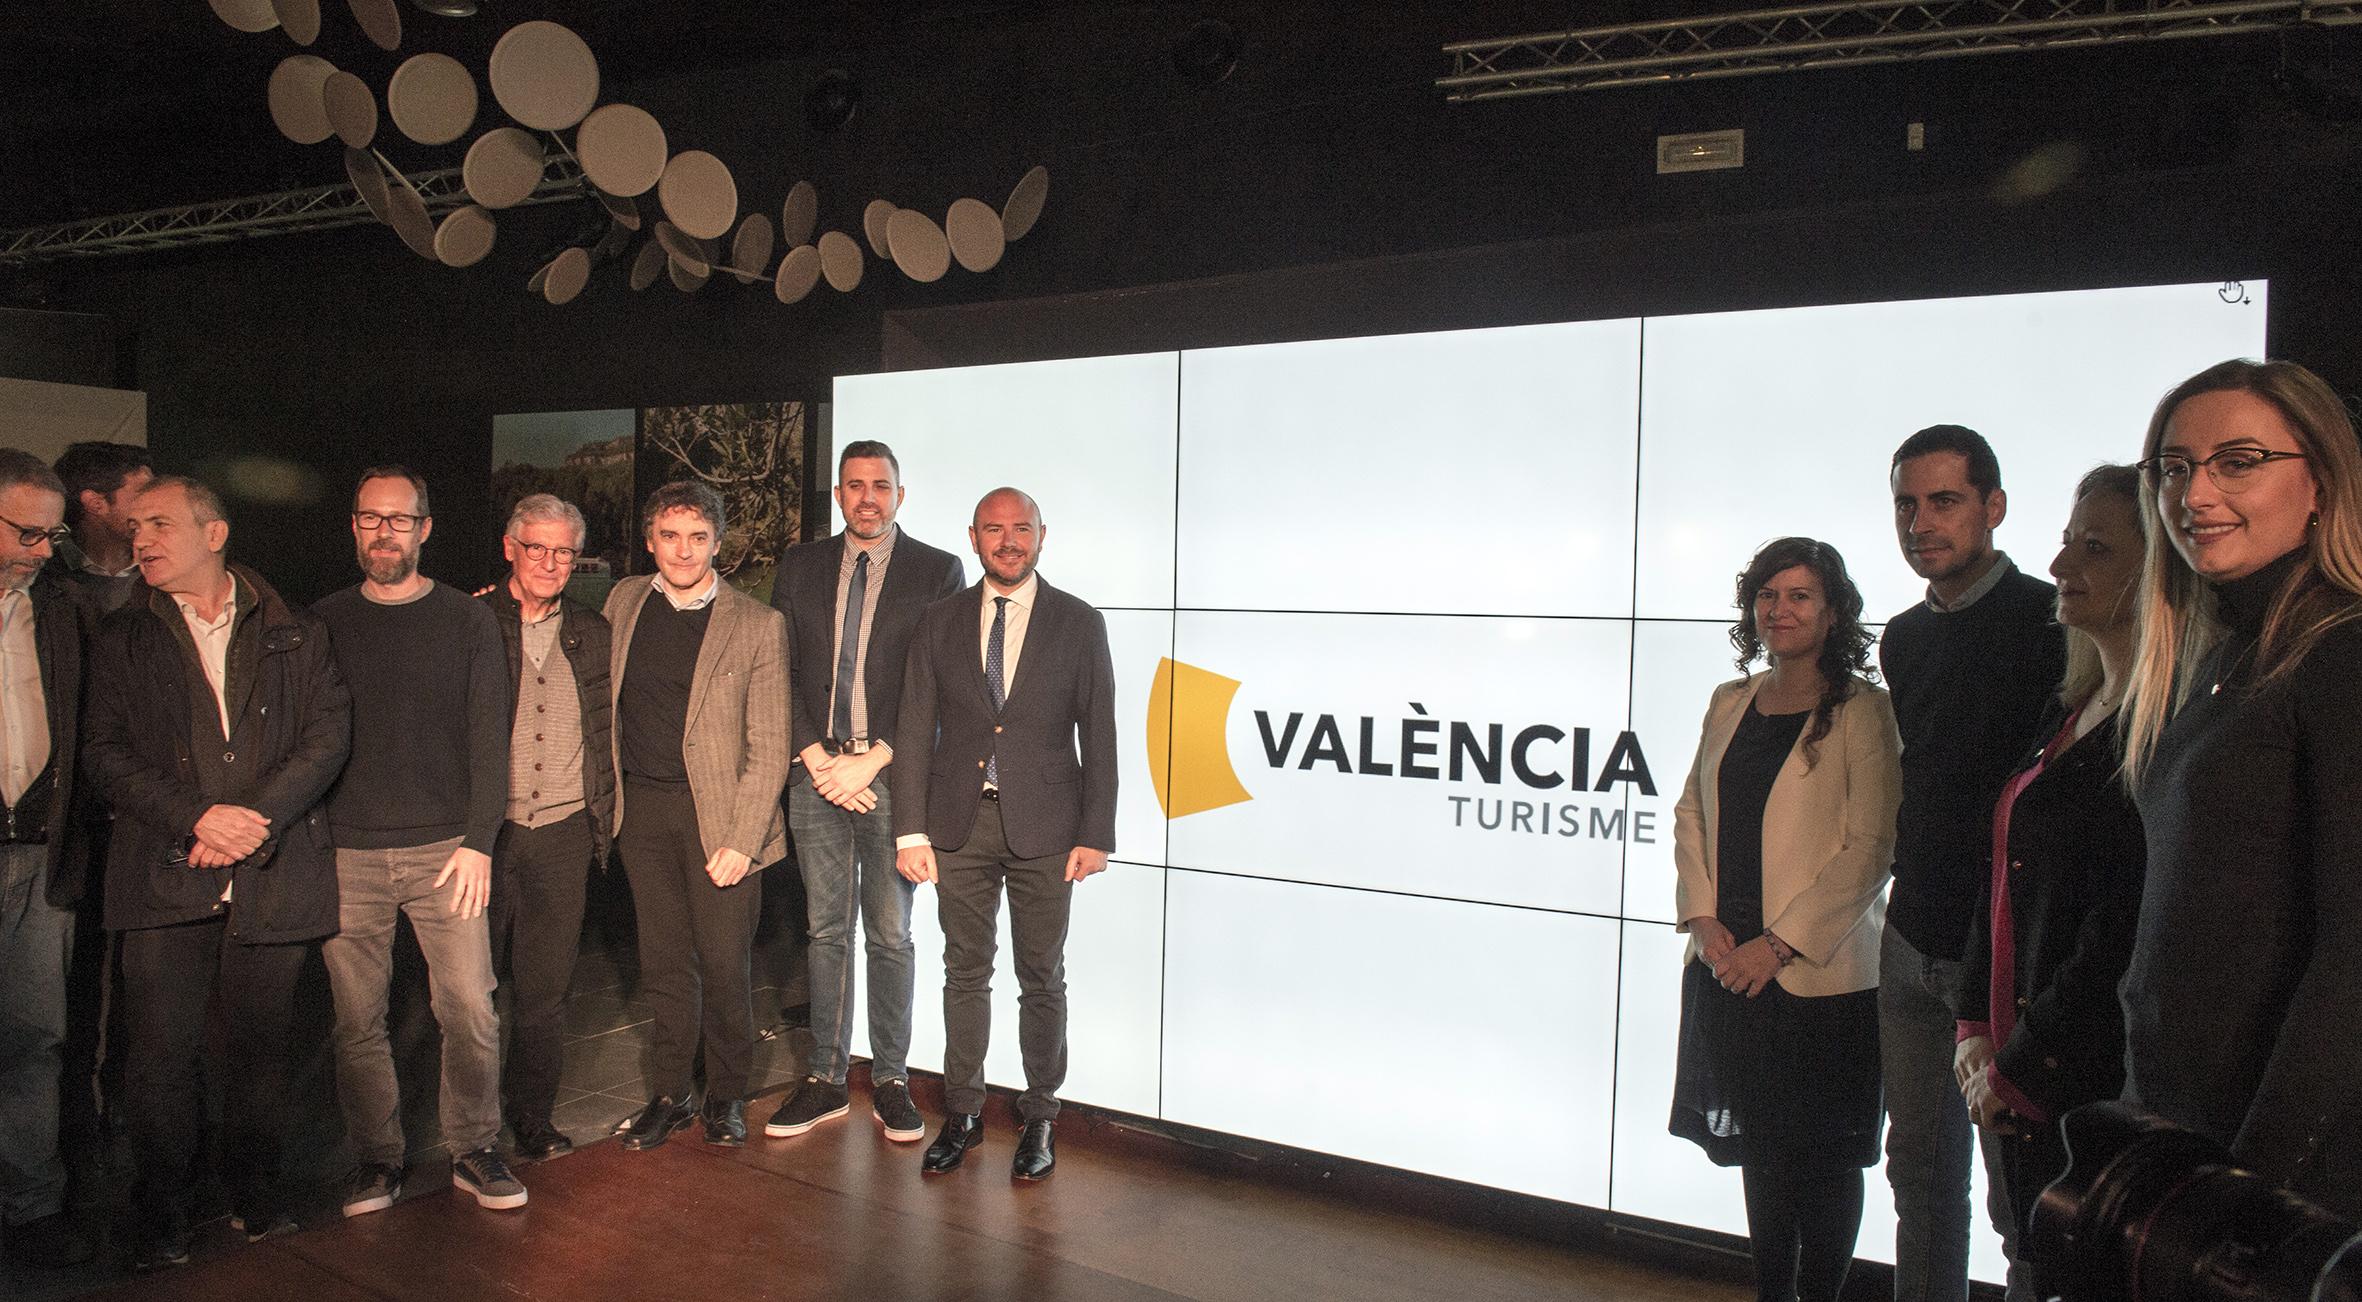 Presentación de la nueva imagen de València Turisme